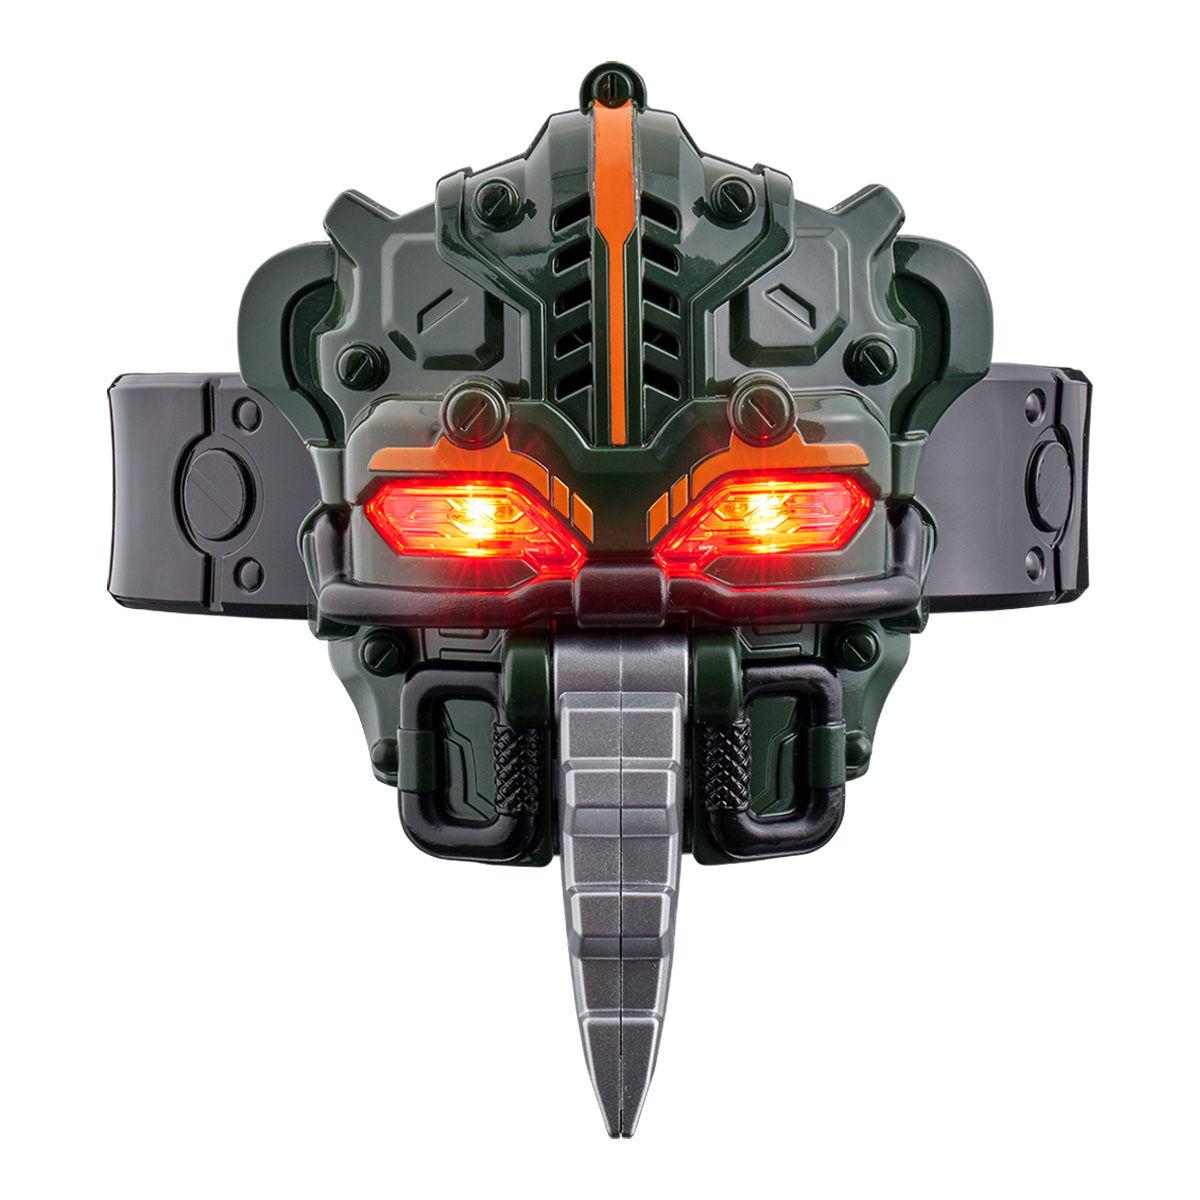 【限定販売】CSM『アマゾンズドライバーver.アルファ』仮面ライダーアマゾンズ 変身なりきり-008